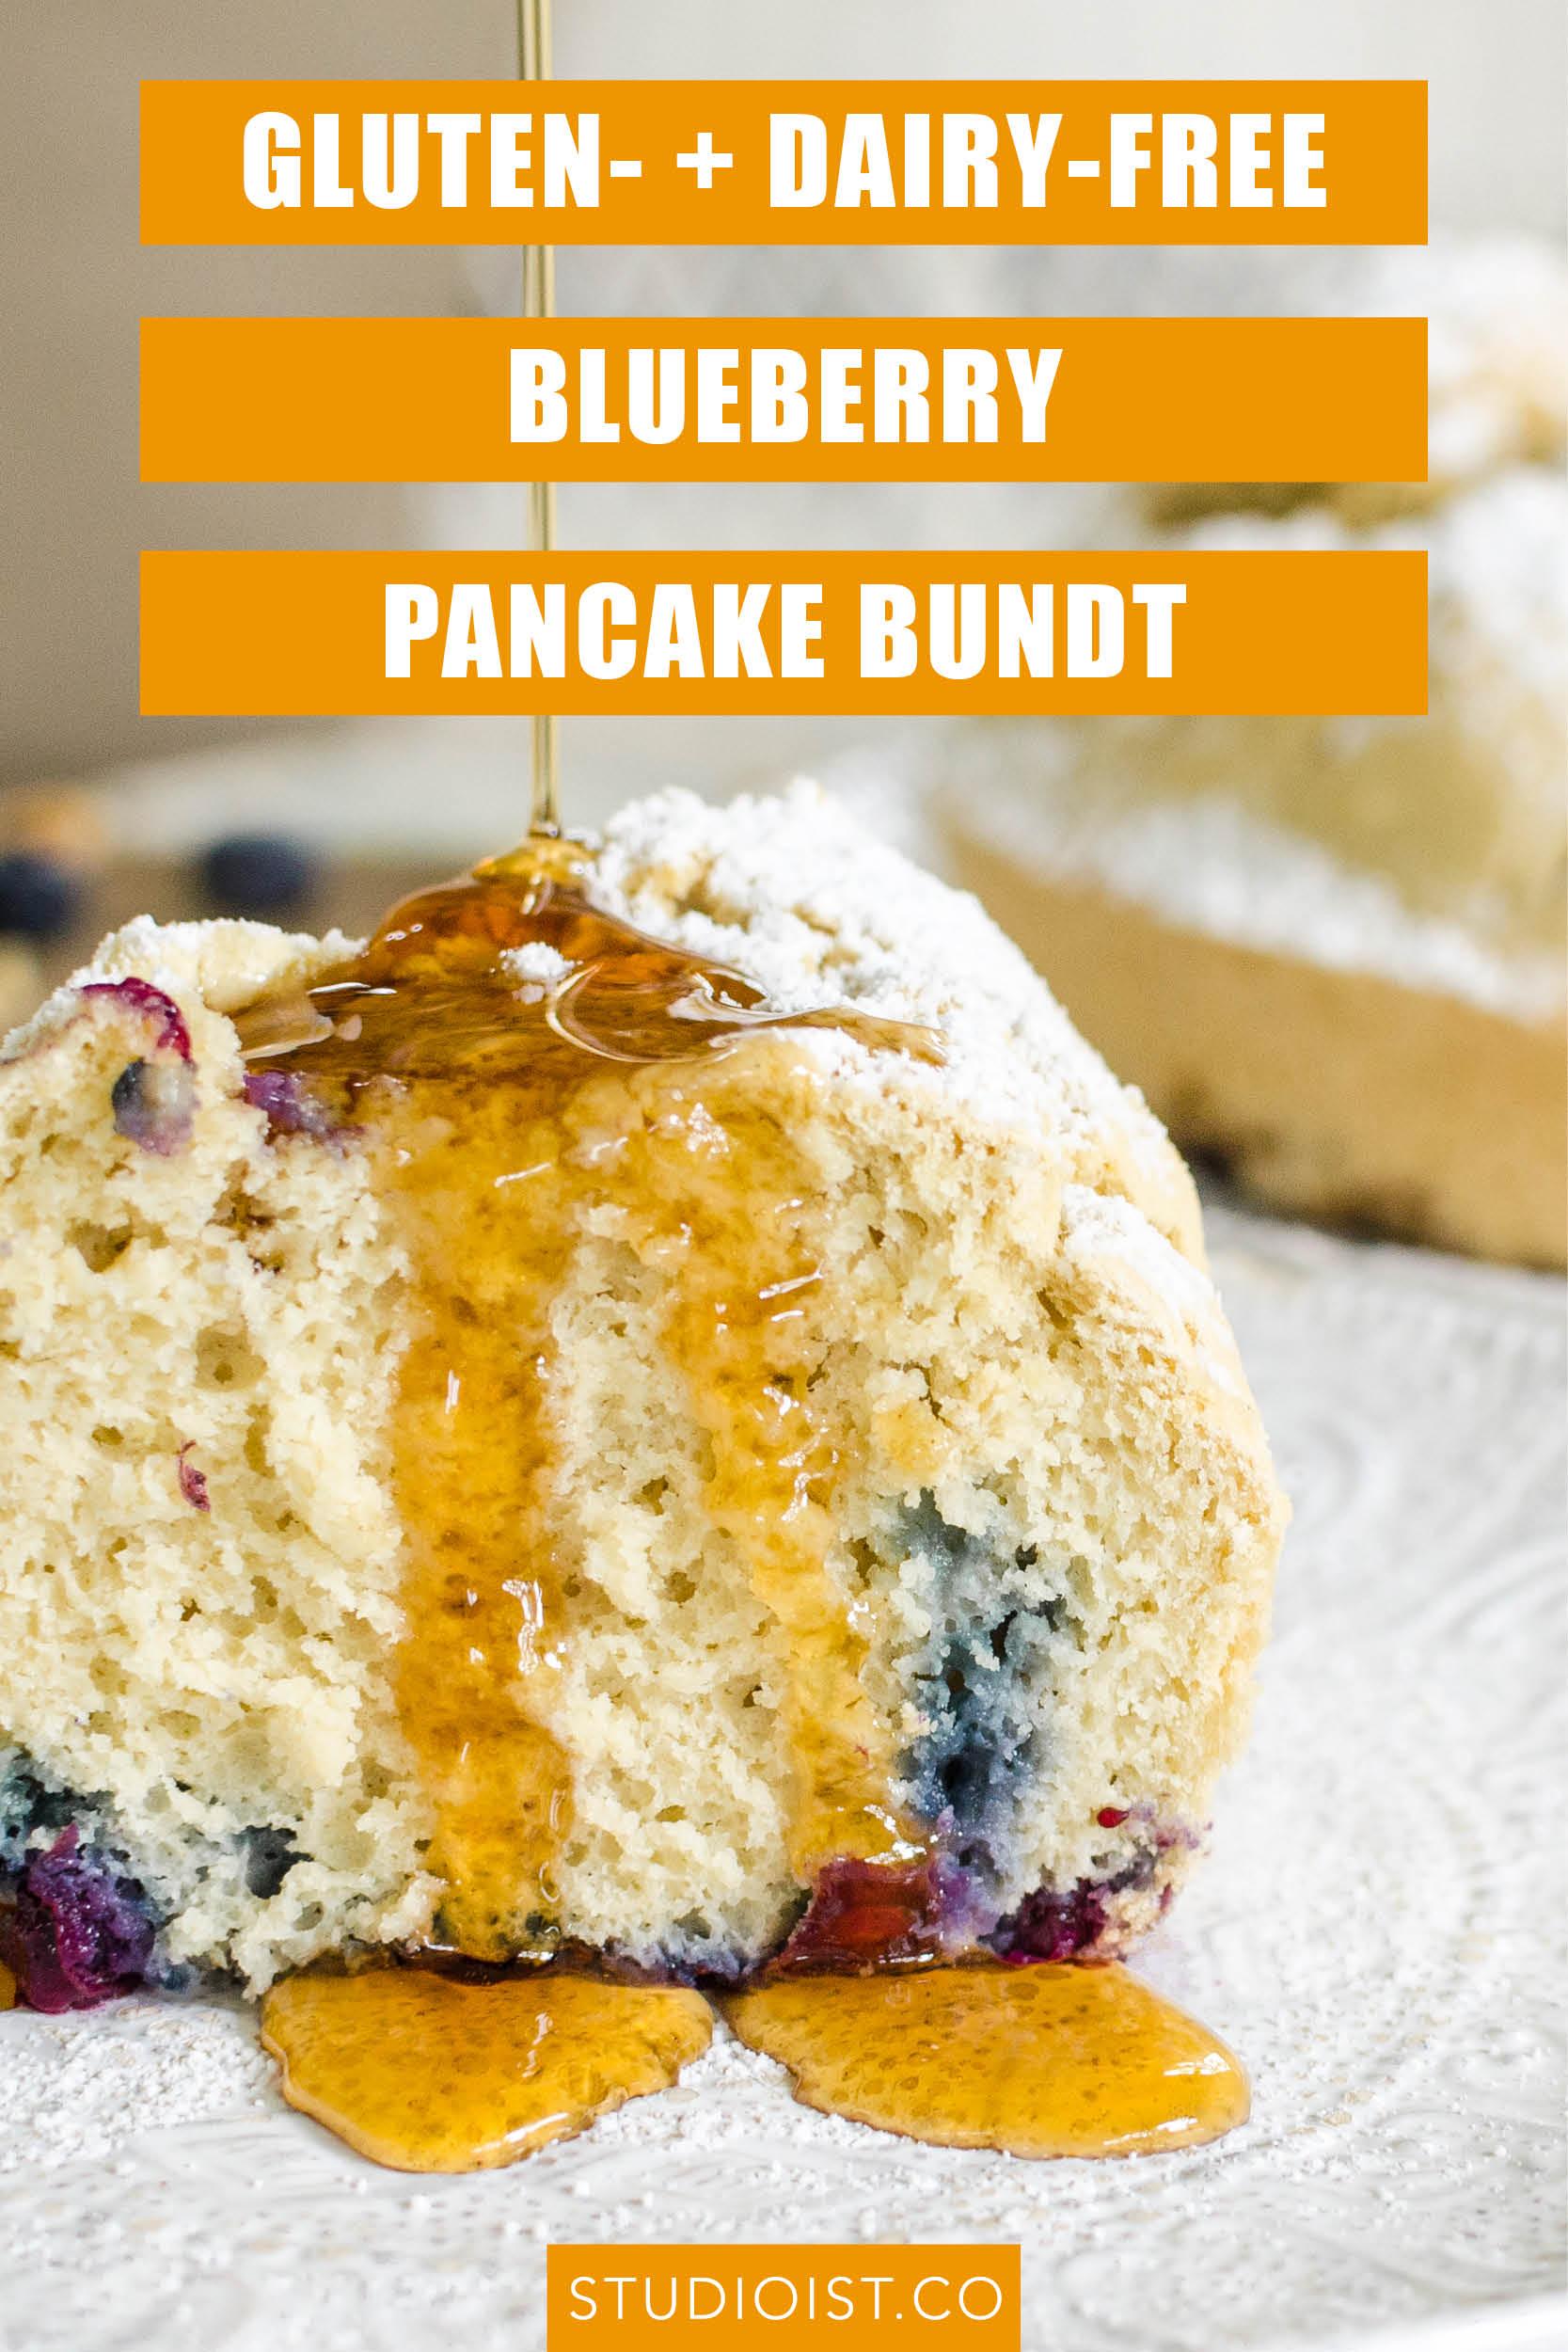 Studioist_Pinterest Design_Pancake Bundt2.jpg